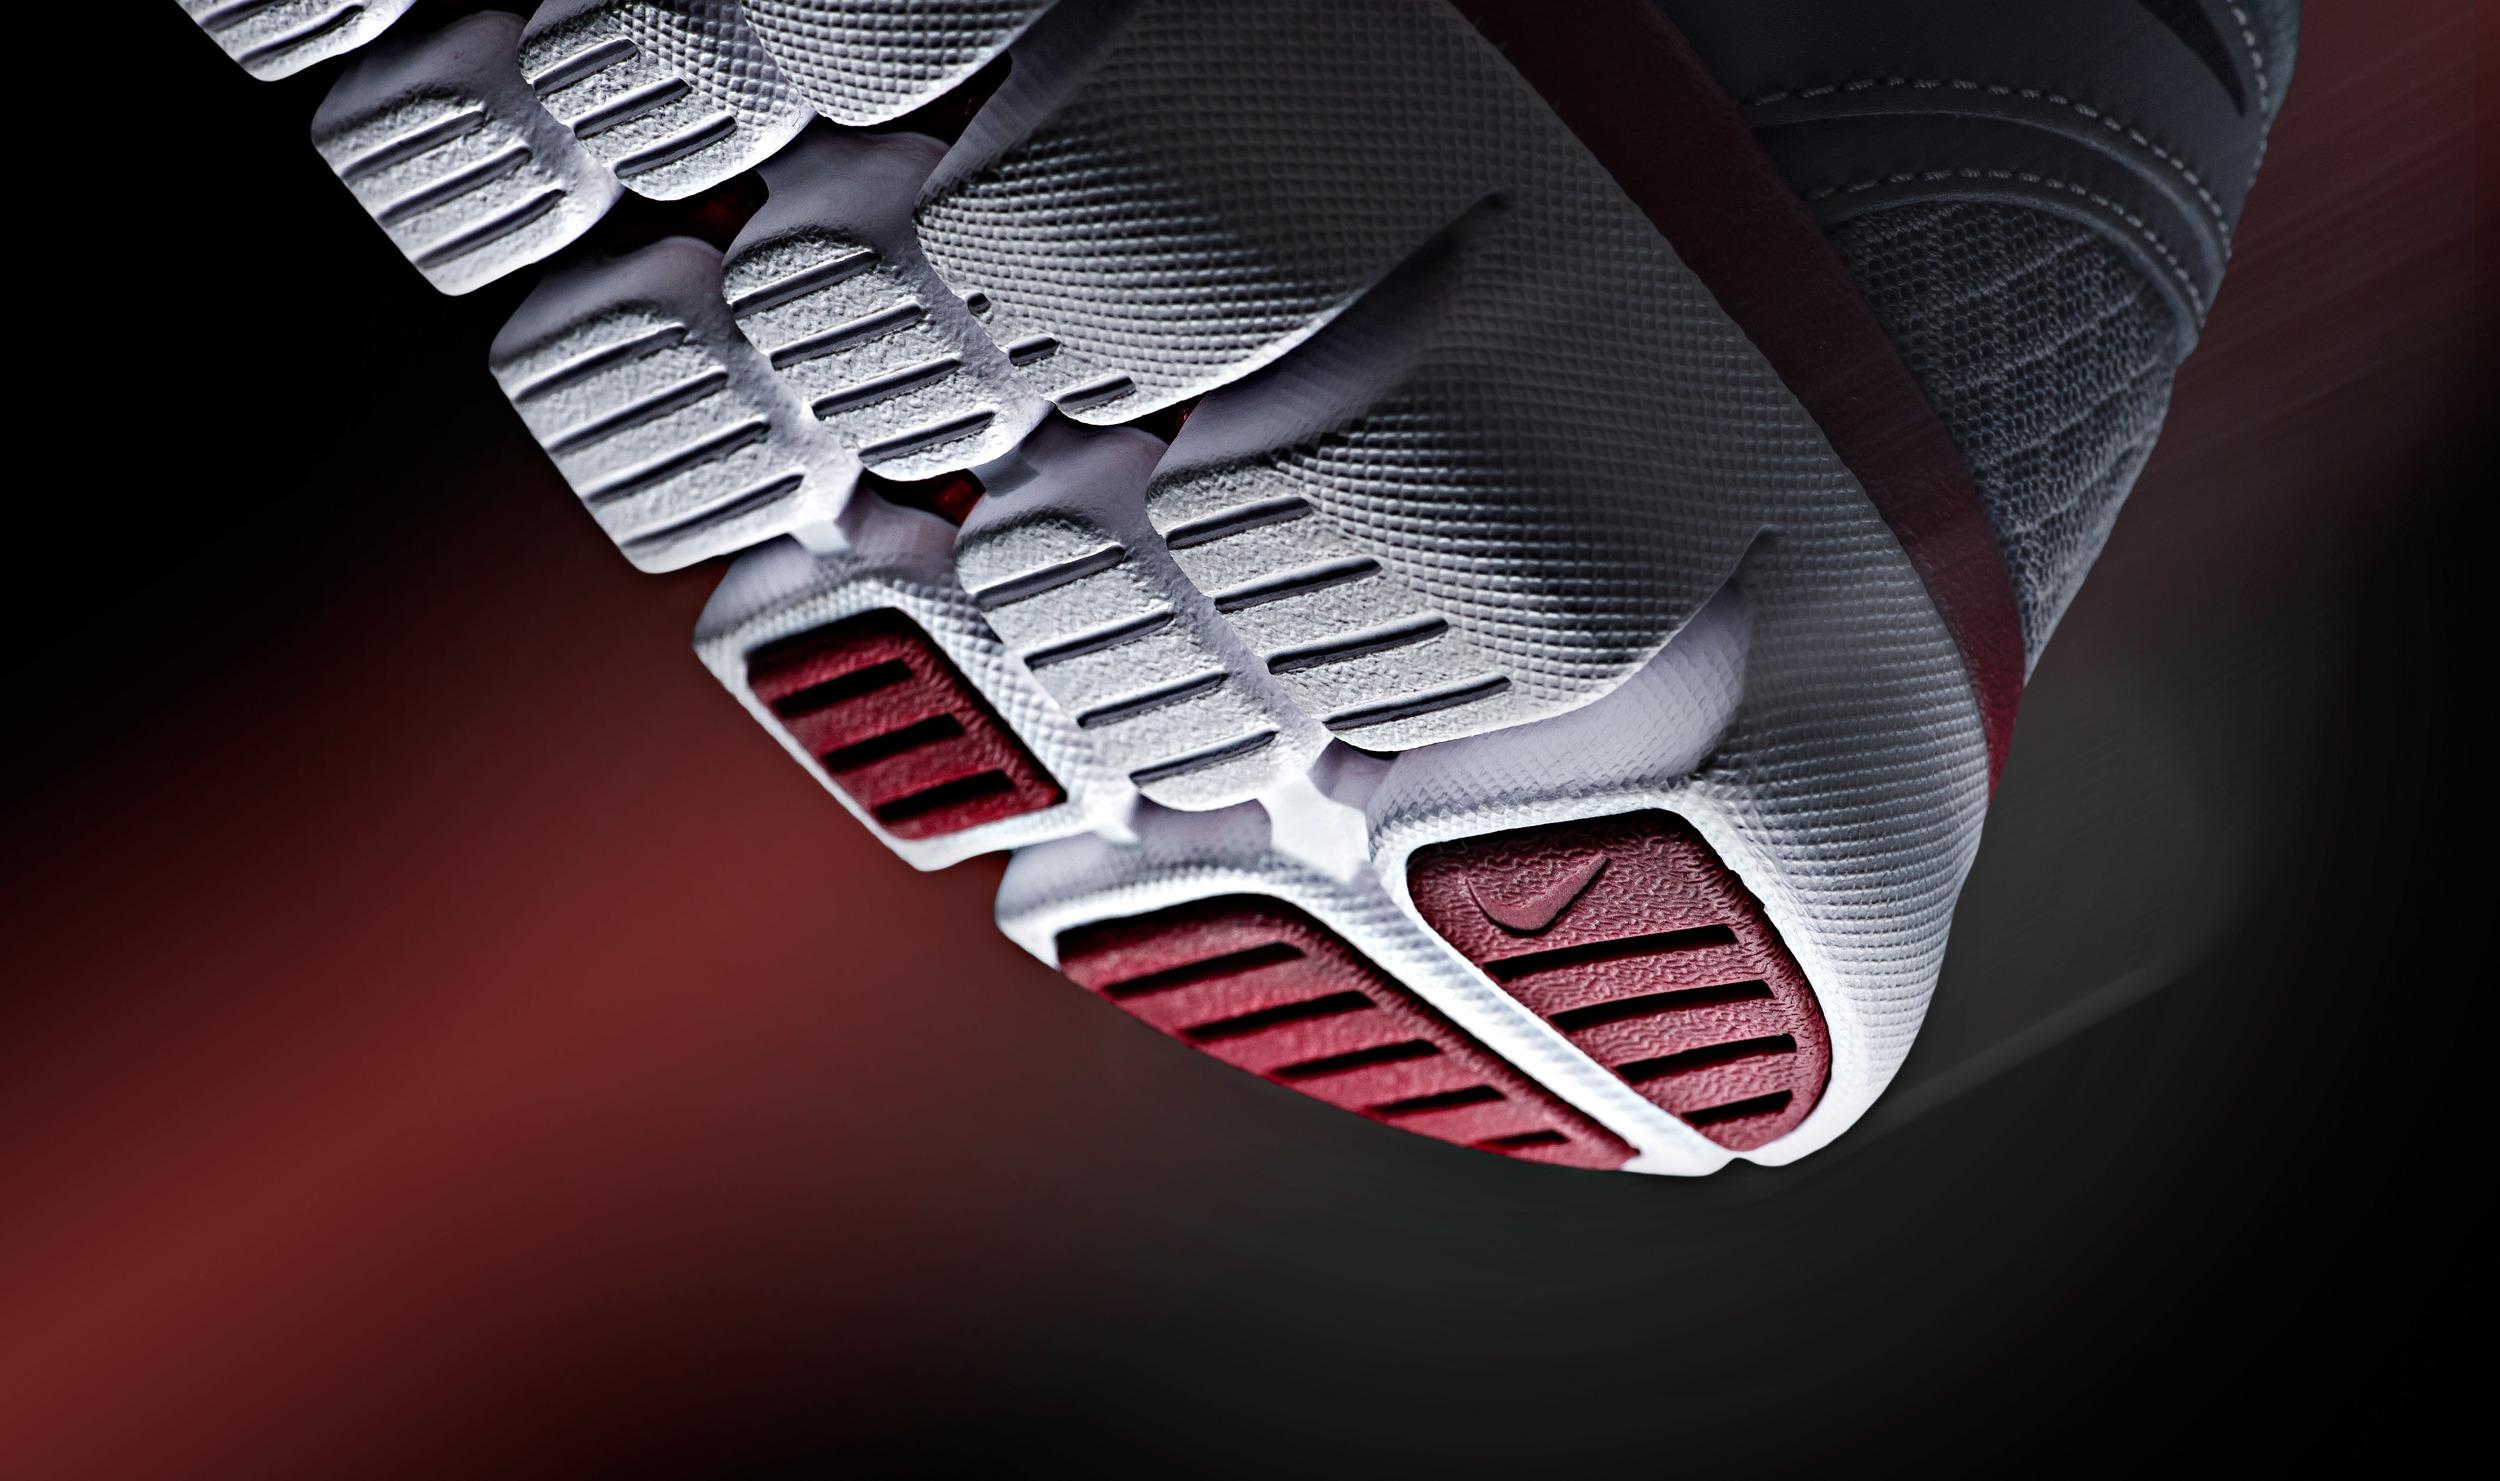 Nike-129-Final.jpg